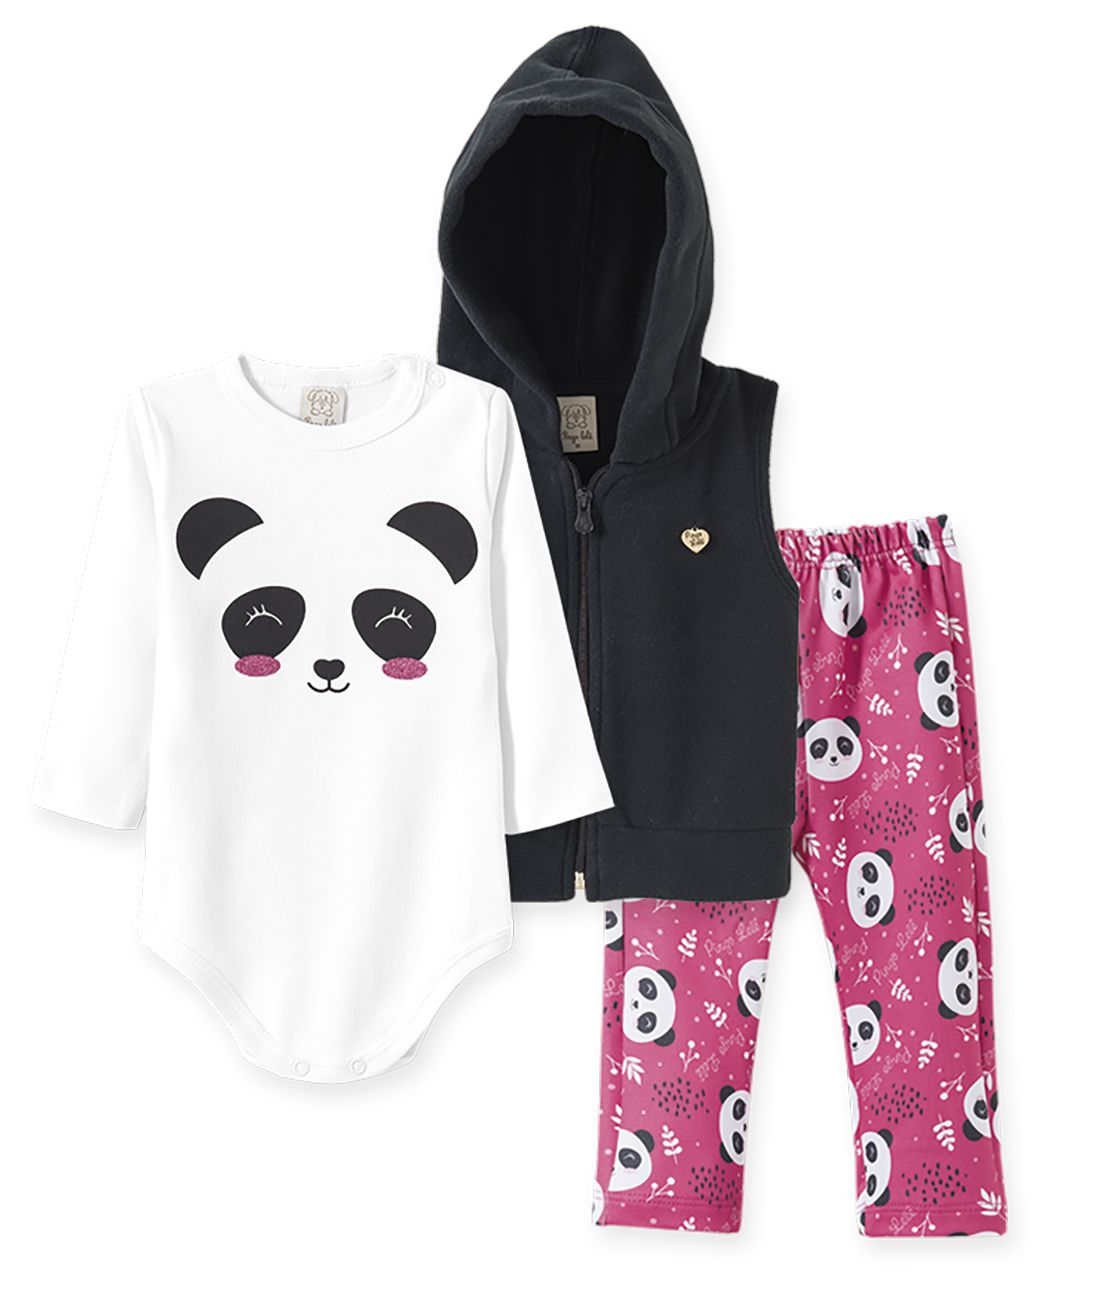 Conjunto Bebê Body Suedine manga longa, Calça Malha Térmica e Colete  Soft Pelo Pingo Lelê  Panda Rosa/Preto